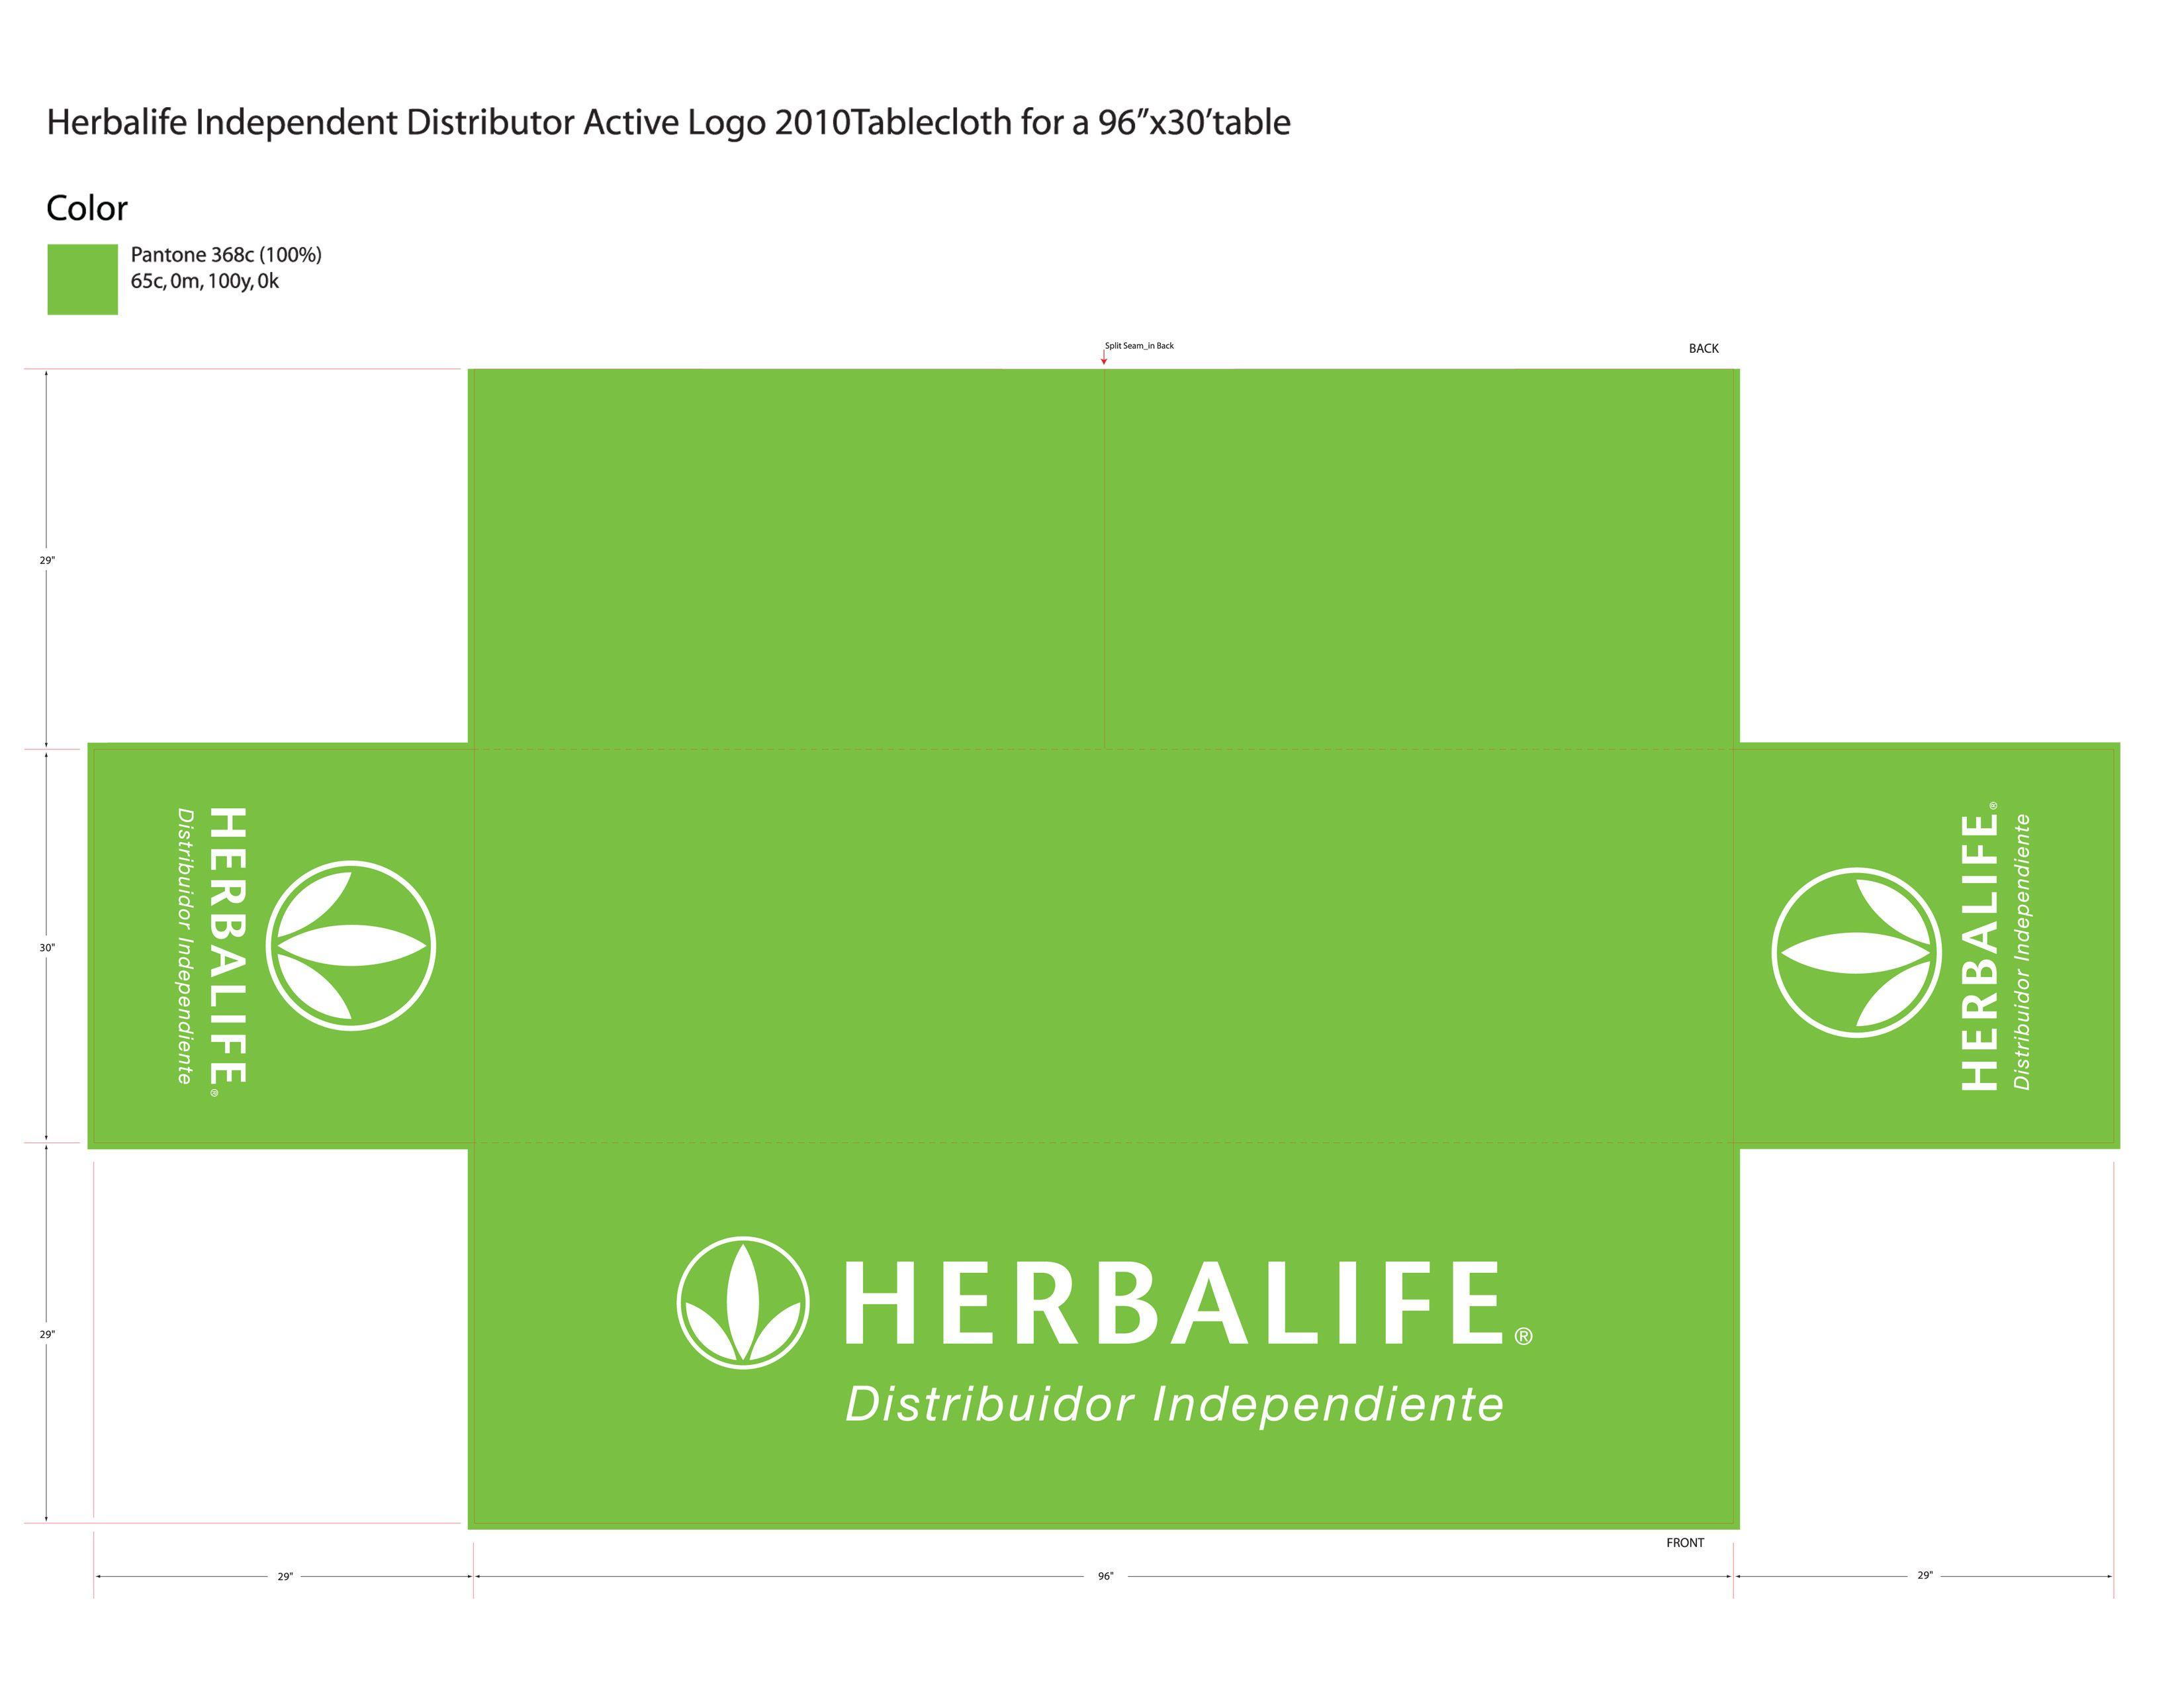 volantes de herbalife para imprimir - Buscar con Google